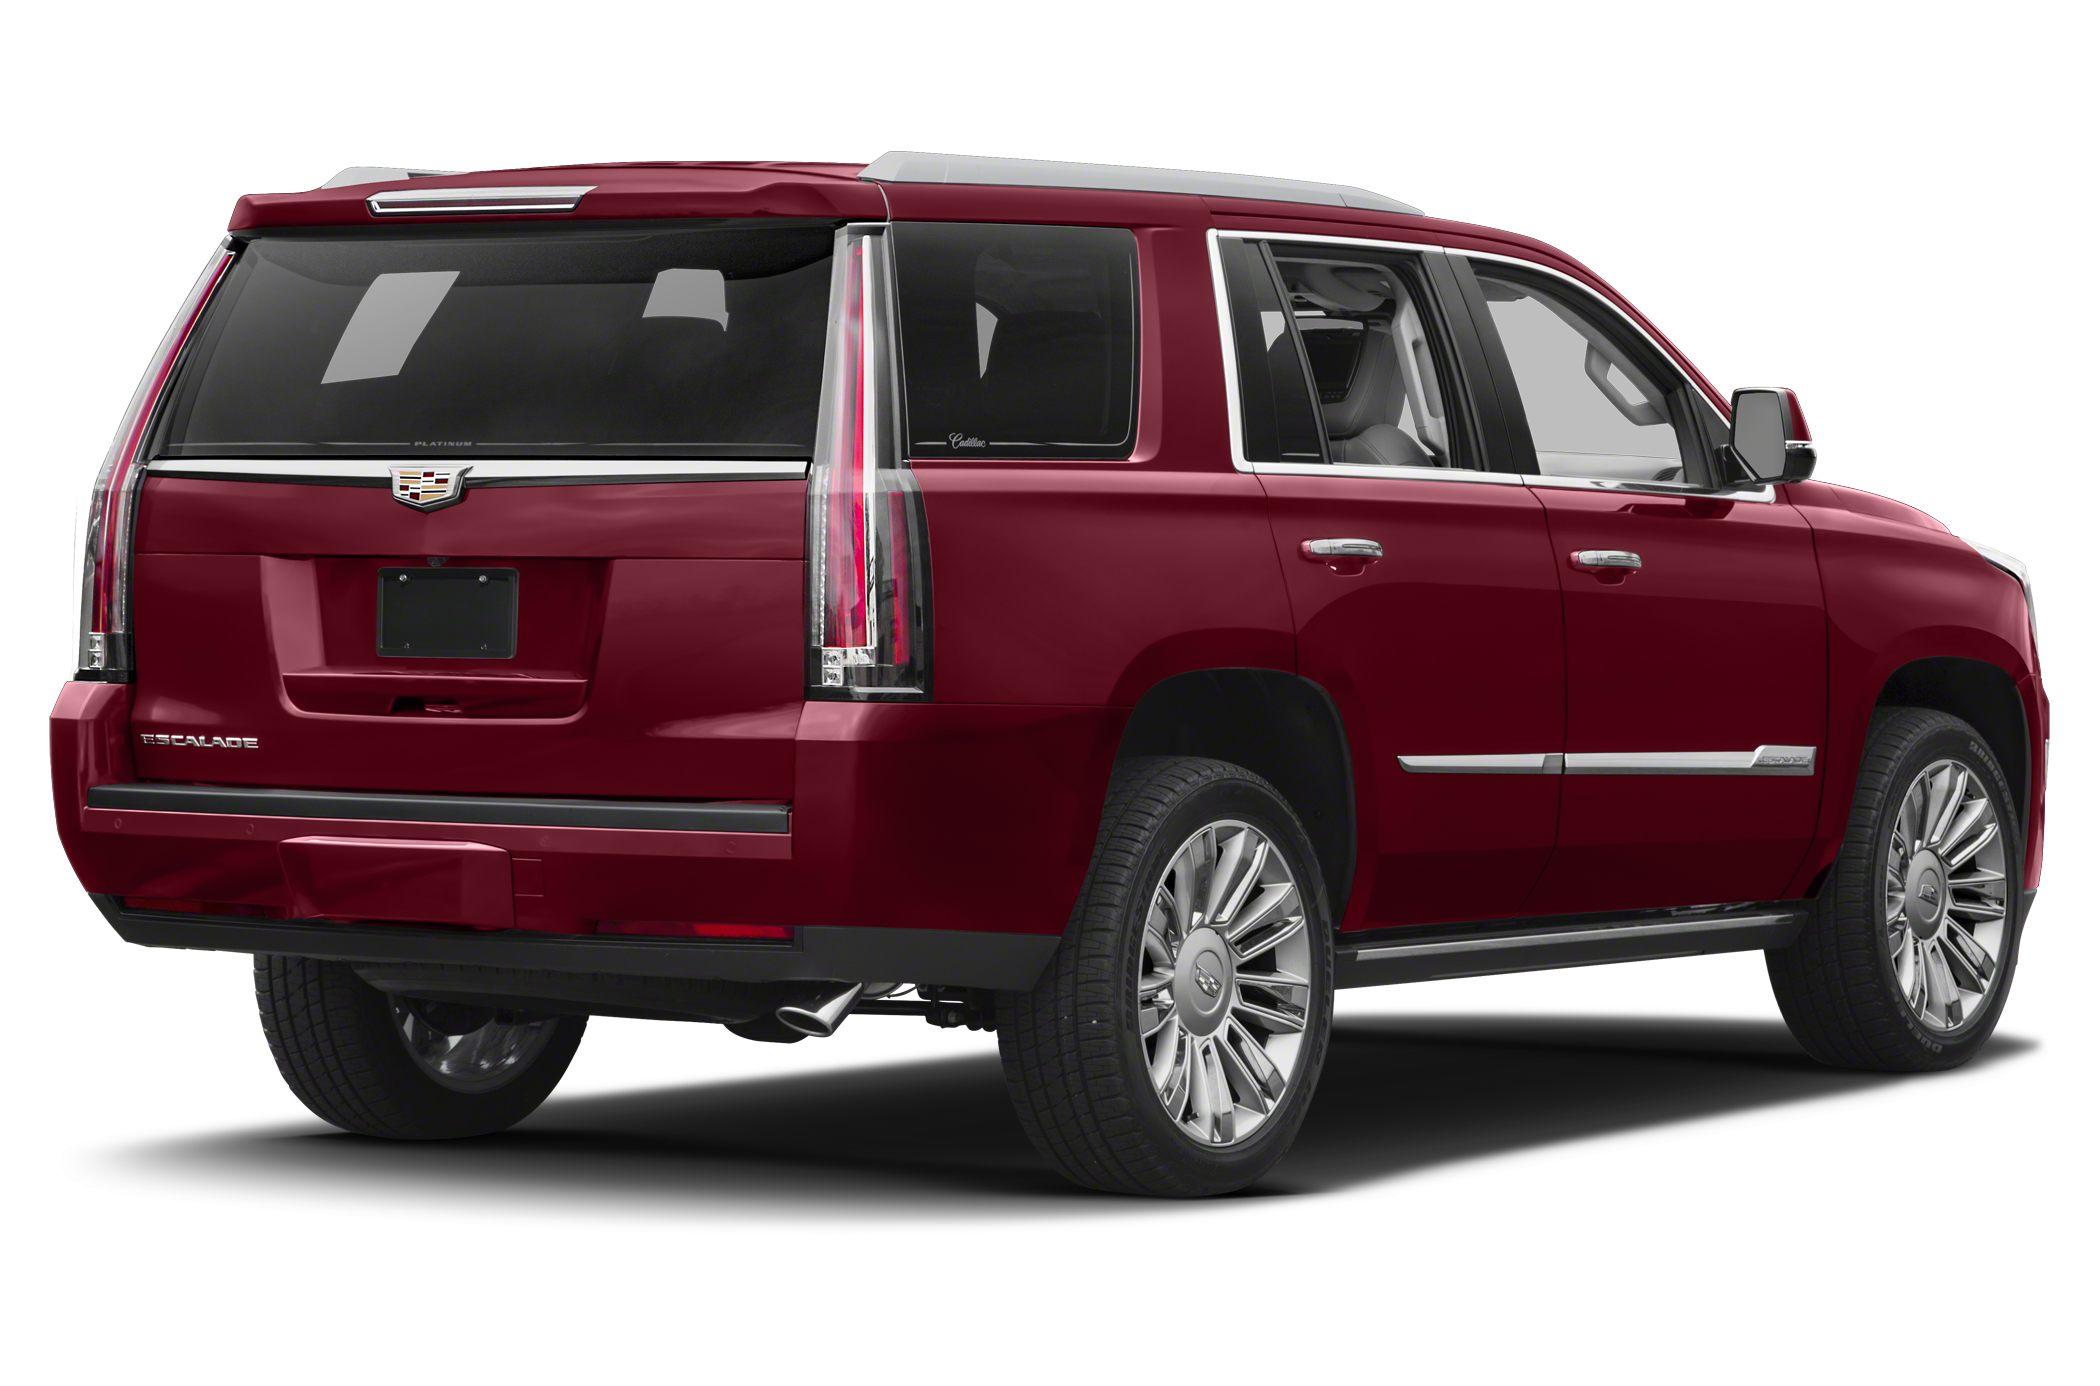 2017 Cadillac Escalade Reviews, Specs and Prices | Cars.com